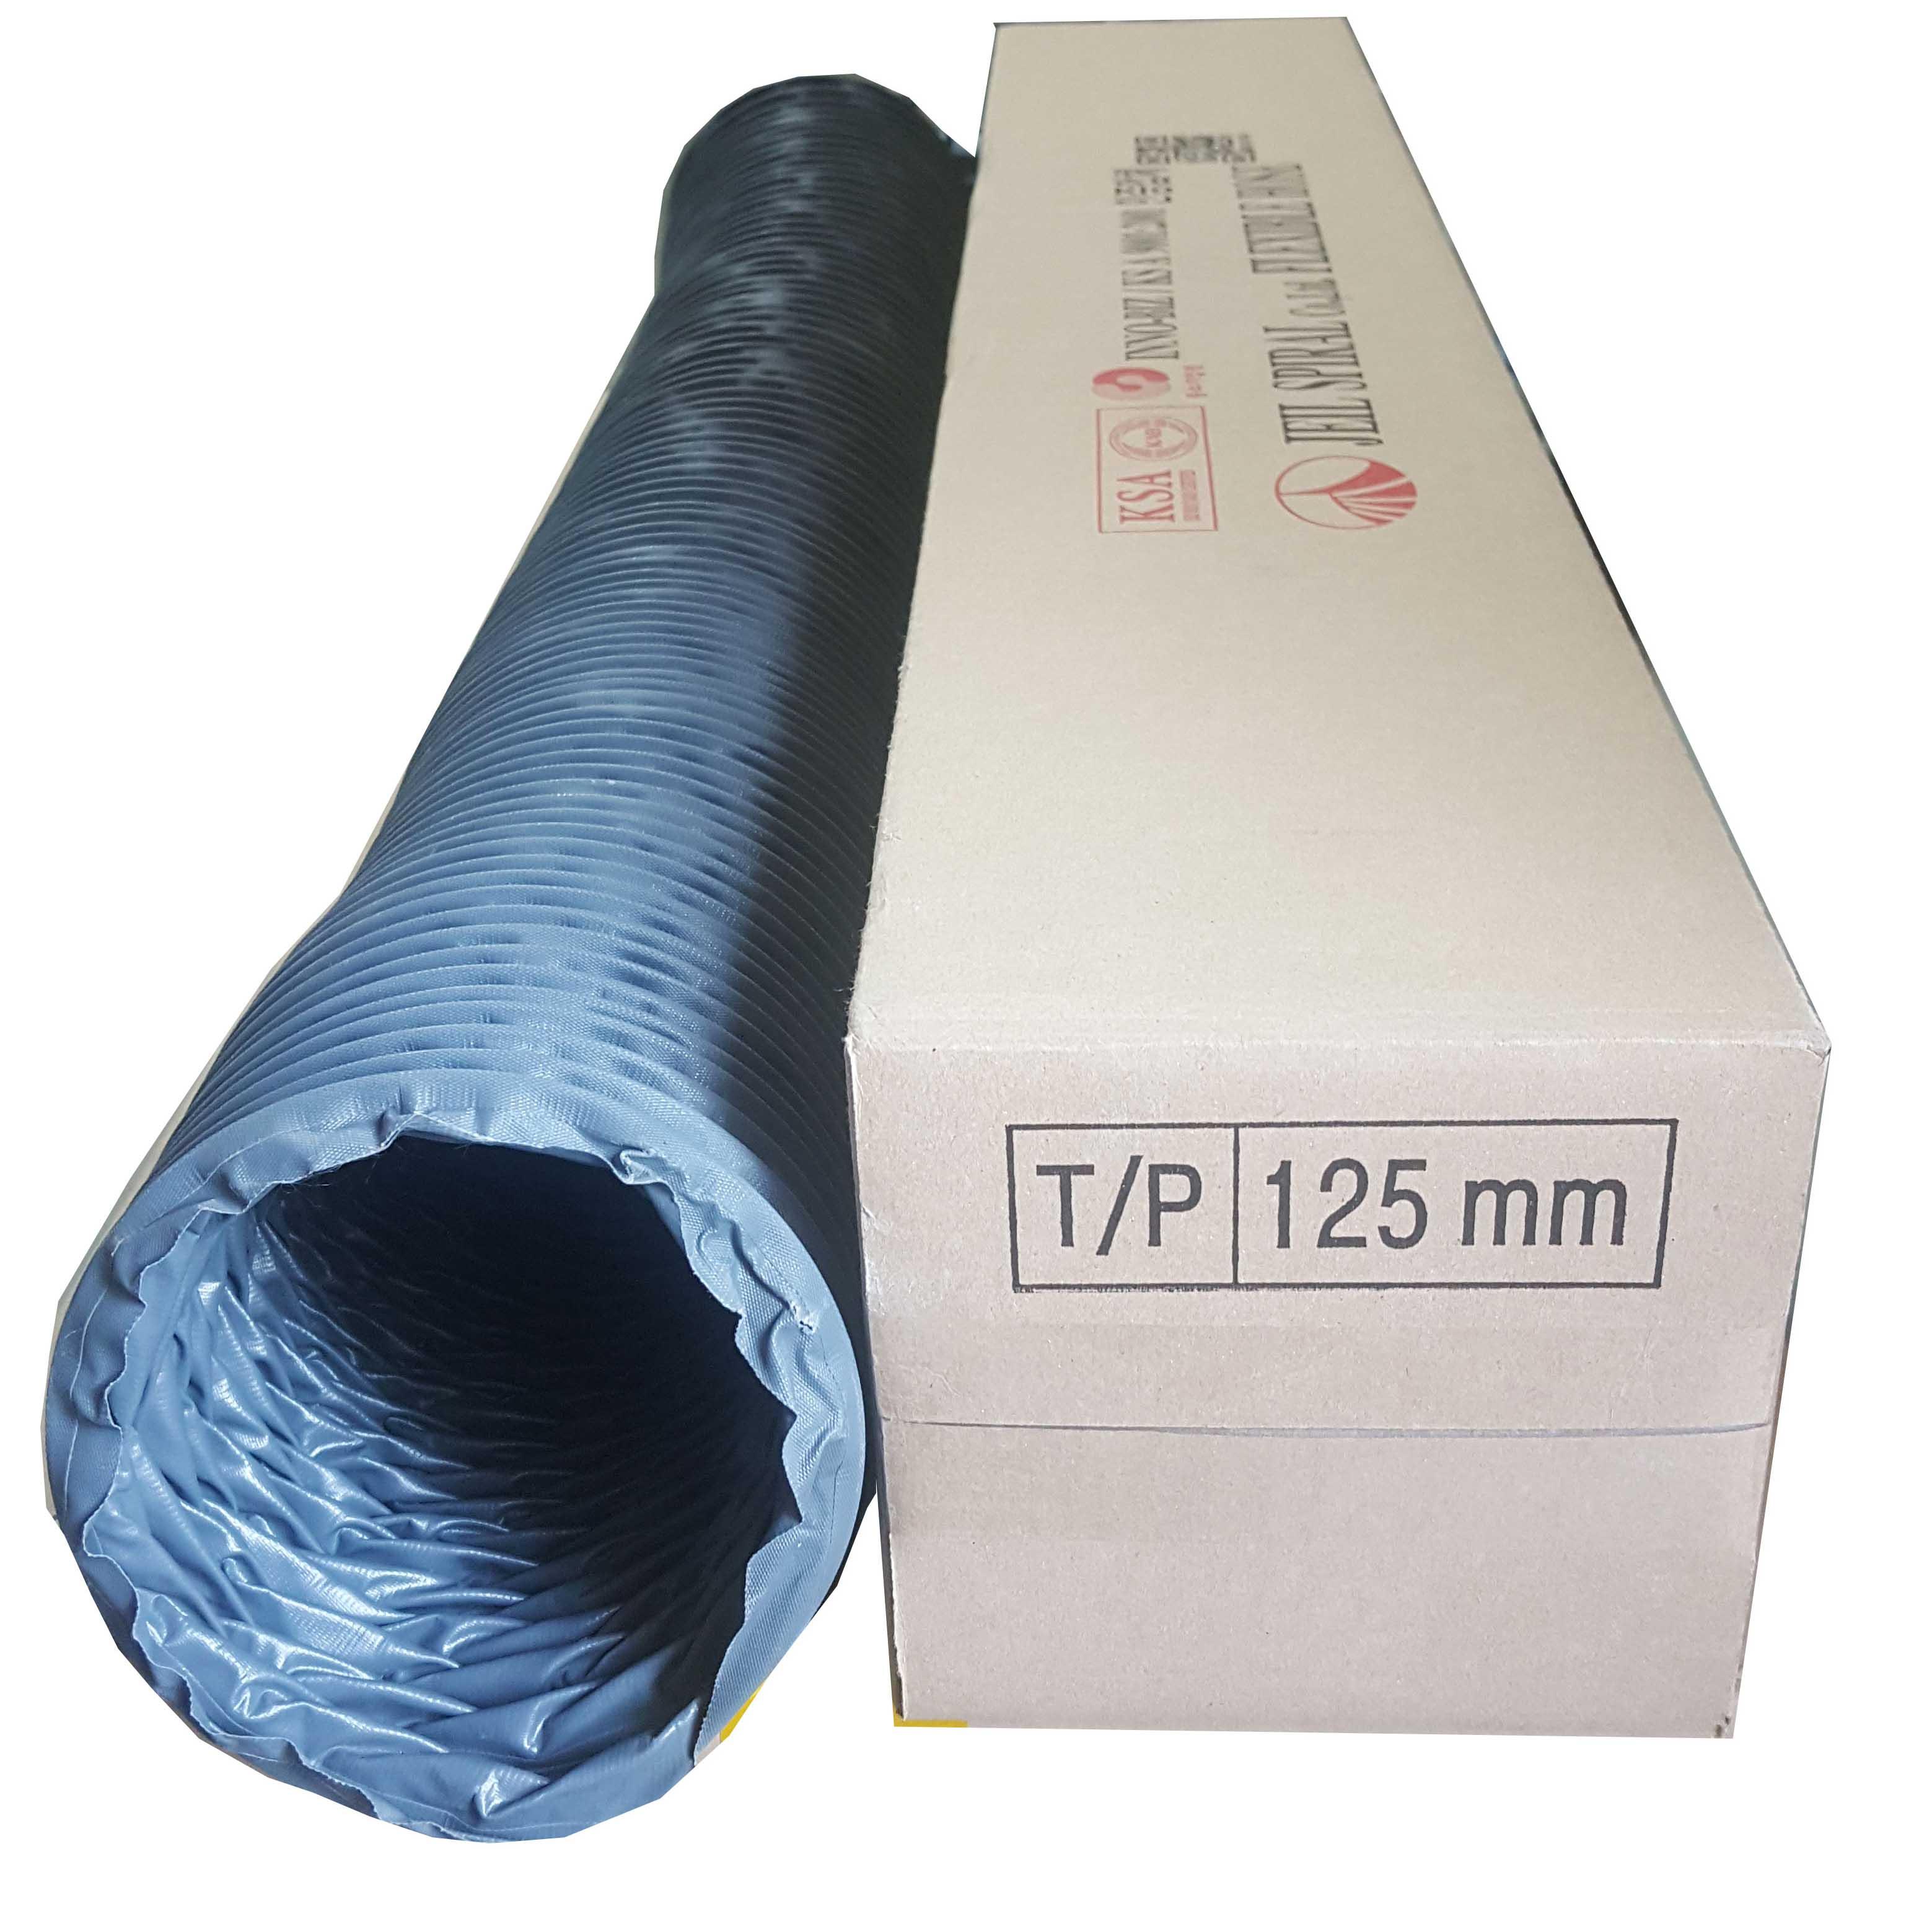 제일스파이럴 타포린후렉시블 75파이~150파이(10M) 천덕트호스 천자바라 환풍기자바라, 1개